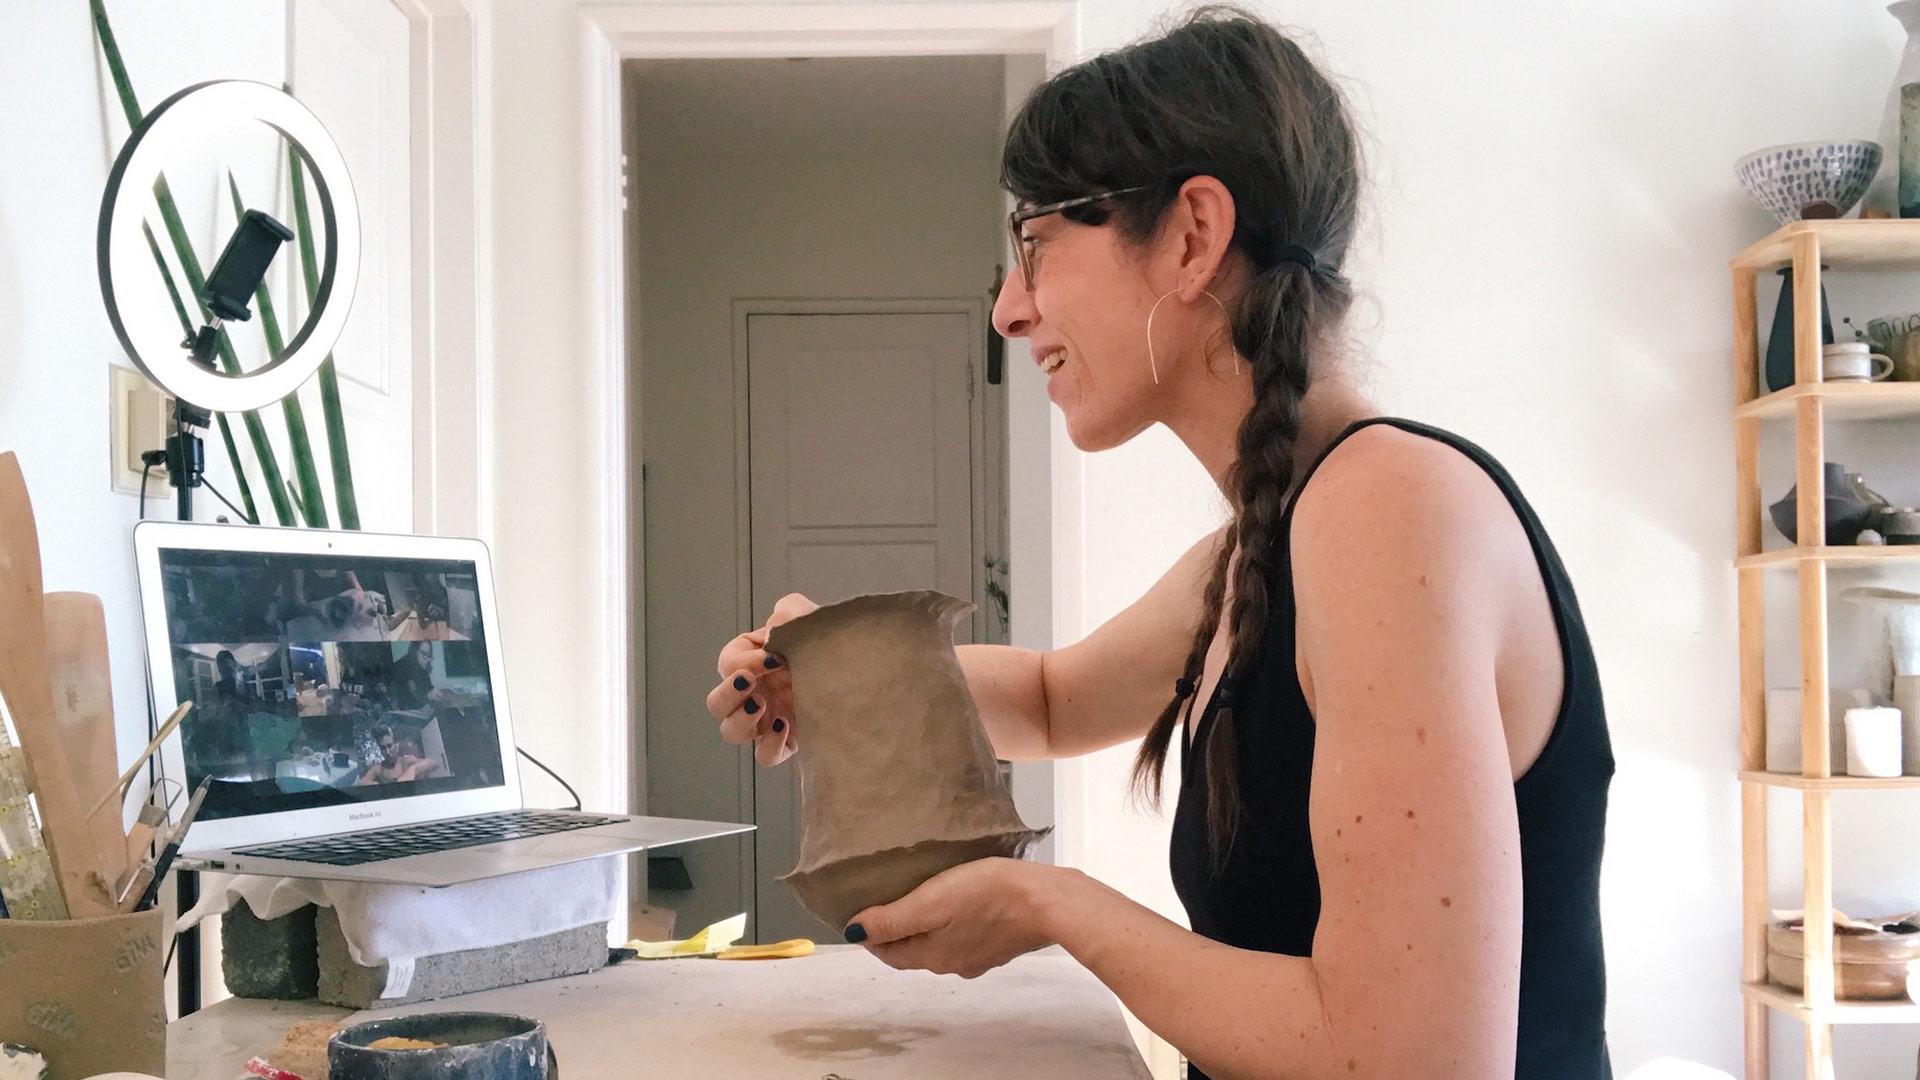 A Stil Life Ceramics instructor teaches an online workshop. | Courtesy of Stil Life Ceramics